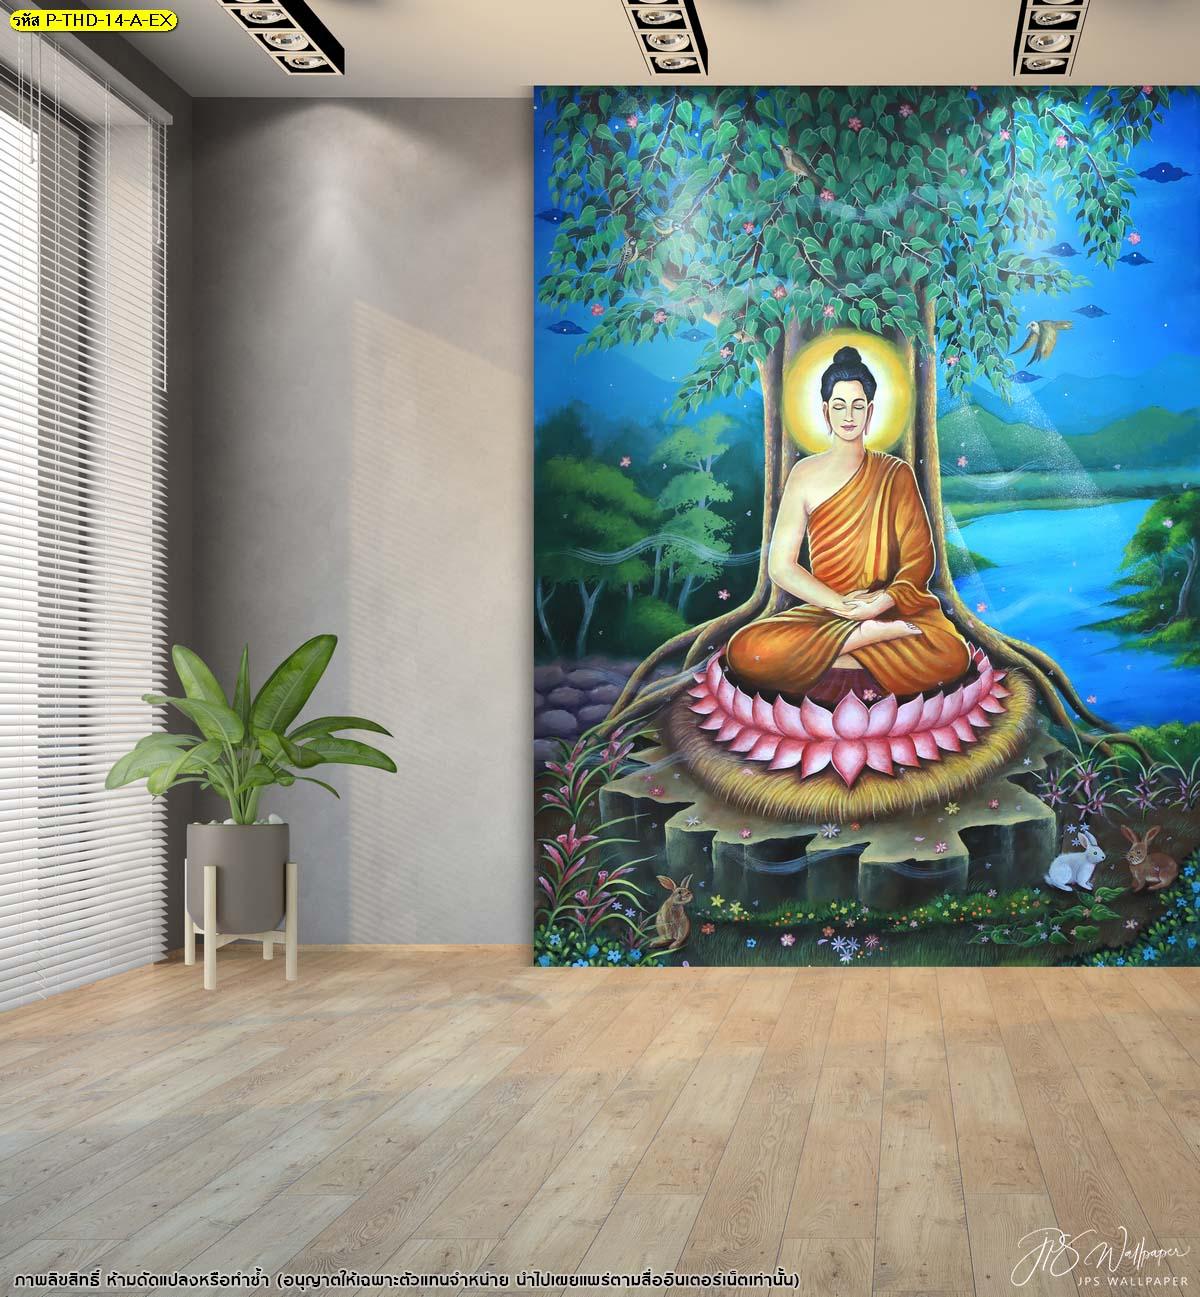 ภาพวาดพระพุทธเจ้าที่สวยที่สุด วอลเปเปอร์สิริมงคล ภาพสั่งทำลายสิริมงคล